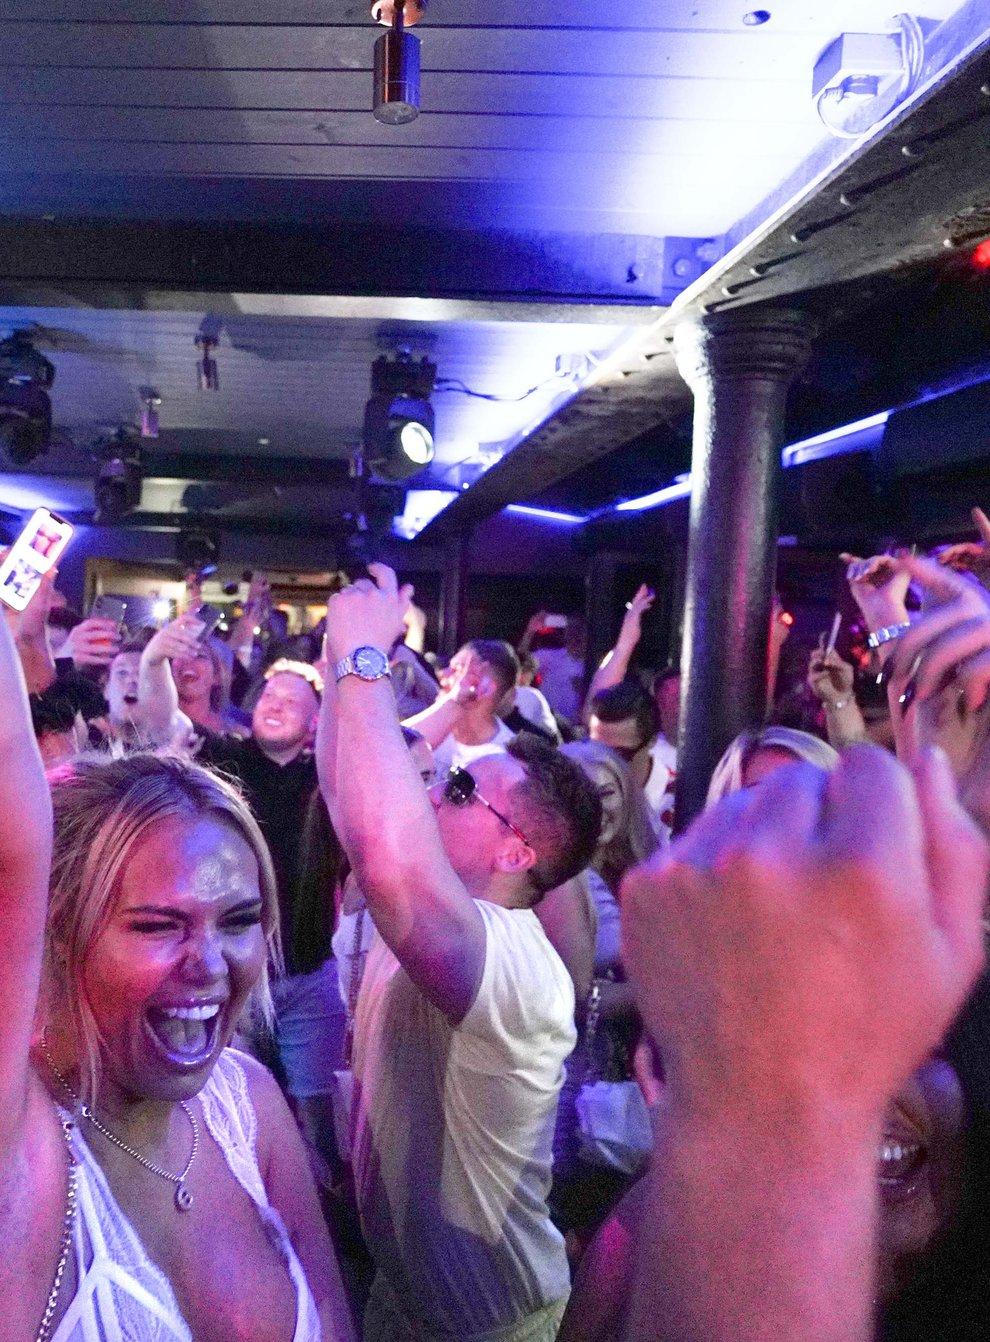 People dancing at Bar Fibre in Leeds